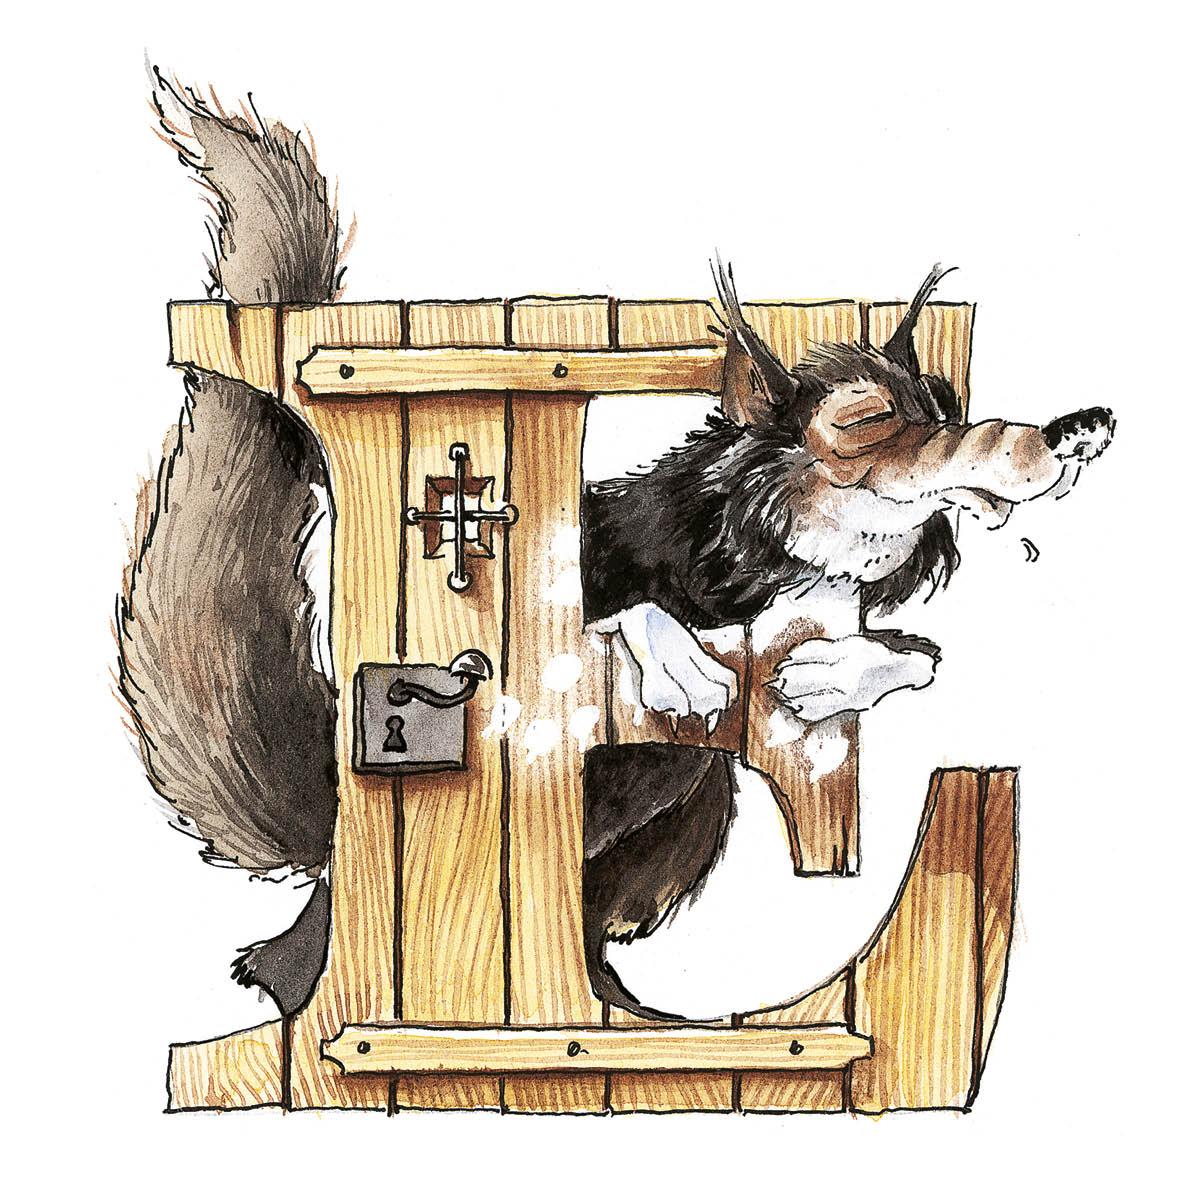 Illustriertes Initial für ein Märchenbuch